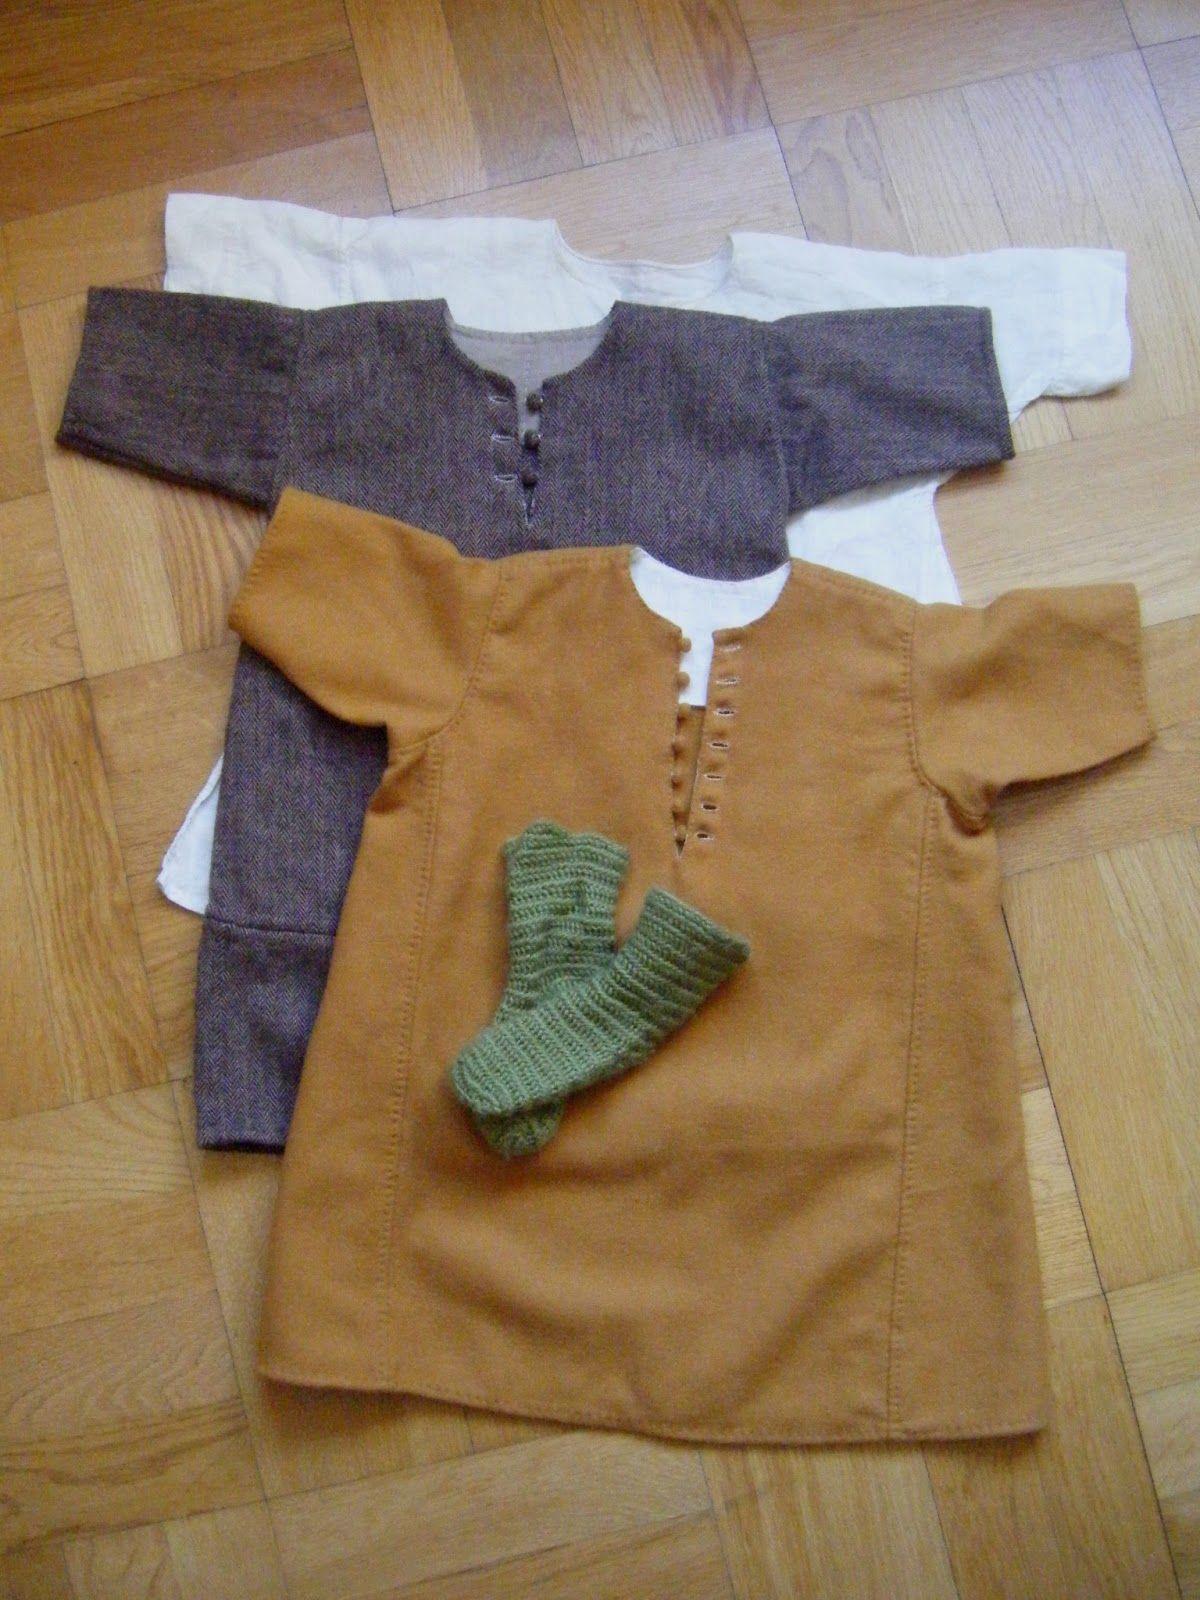 Kläder till barn (0-5 7 år gamla) artikel på svens ka  1137af049fe63